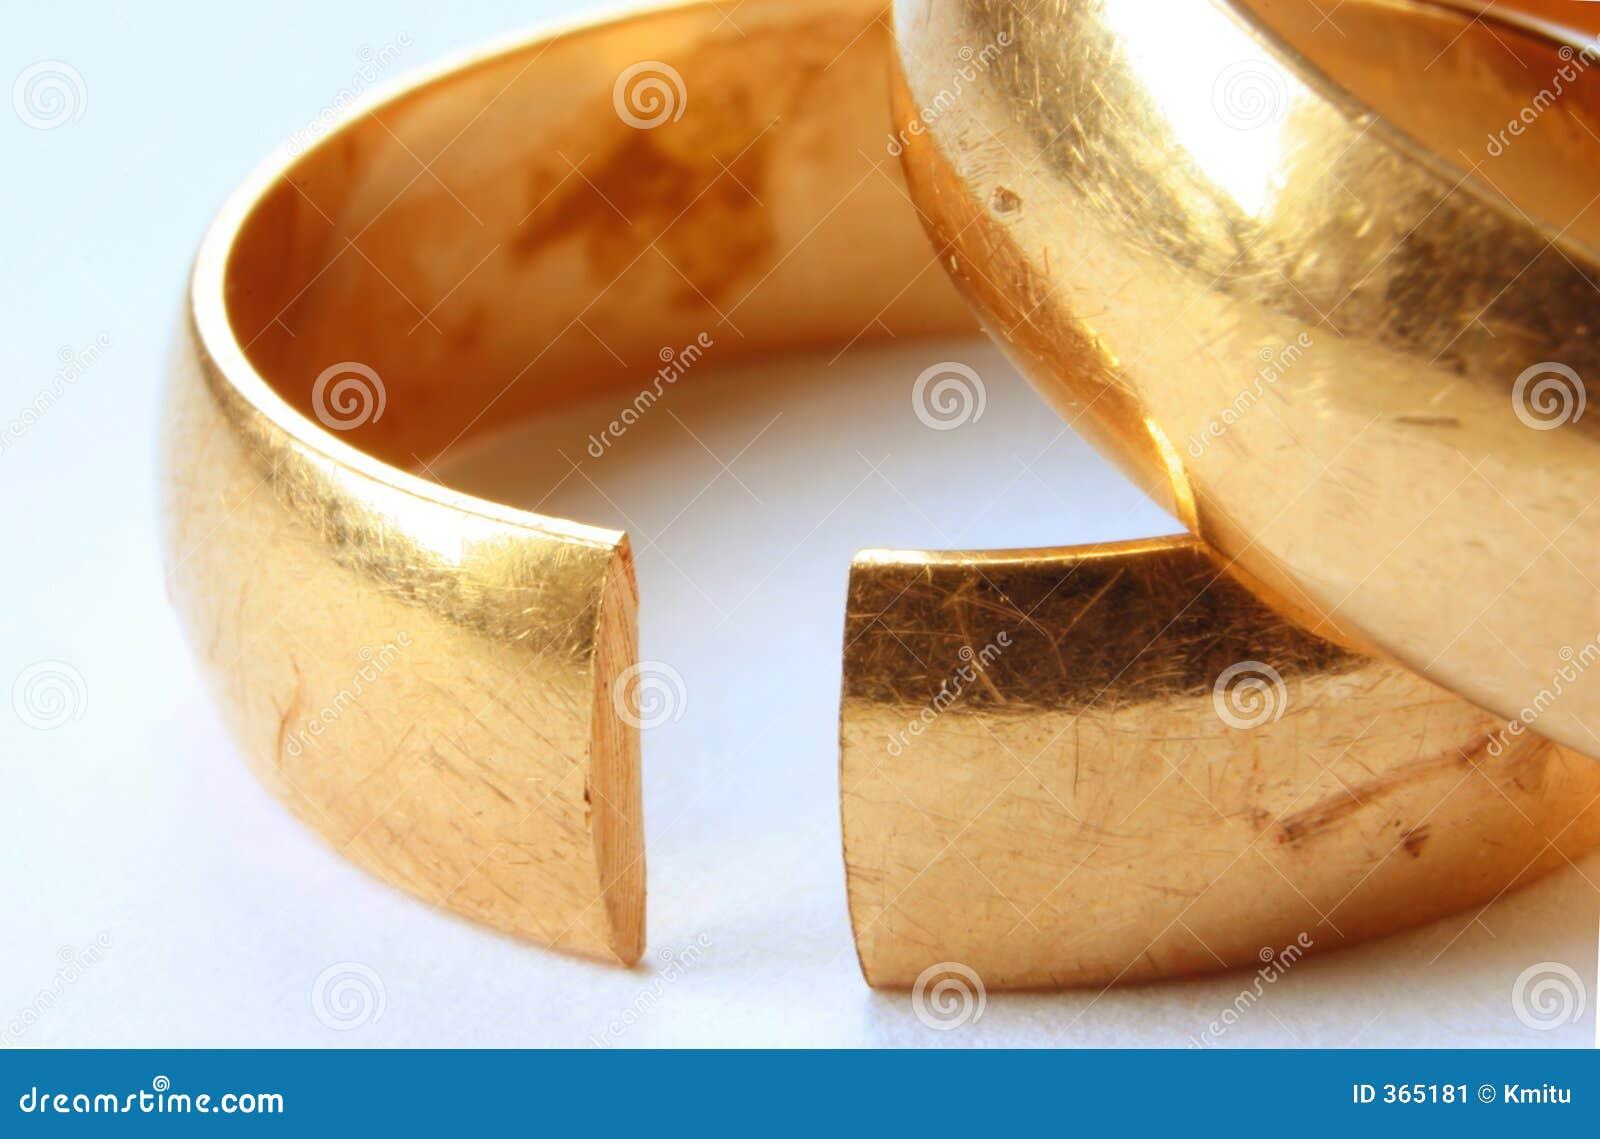 символ макроса развода реальный